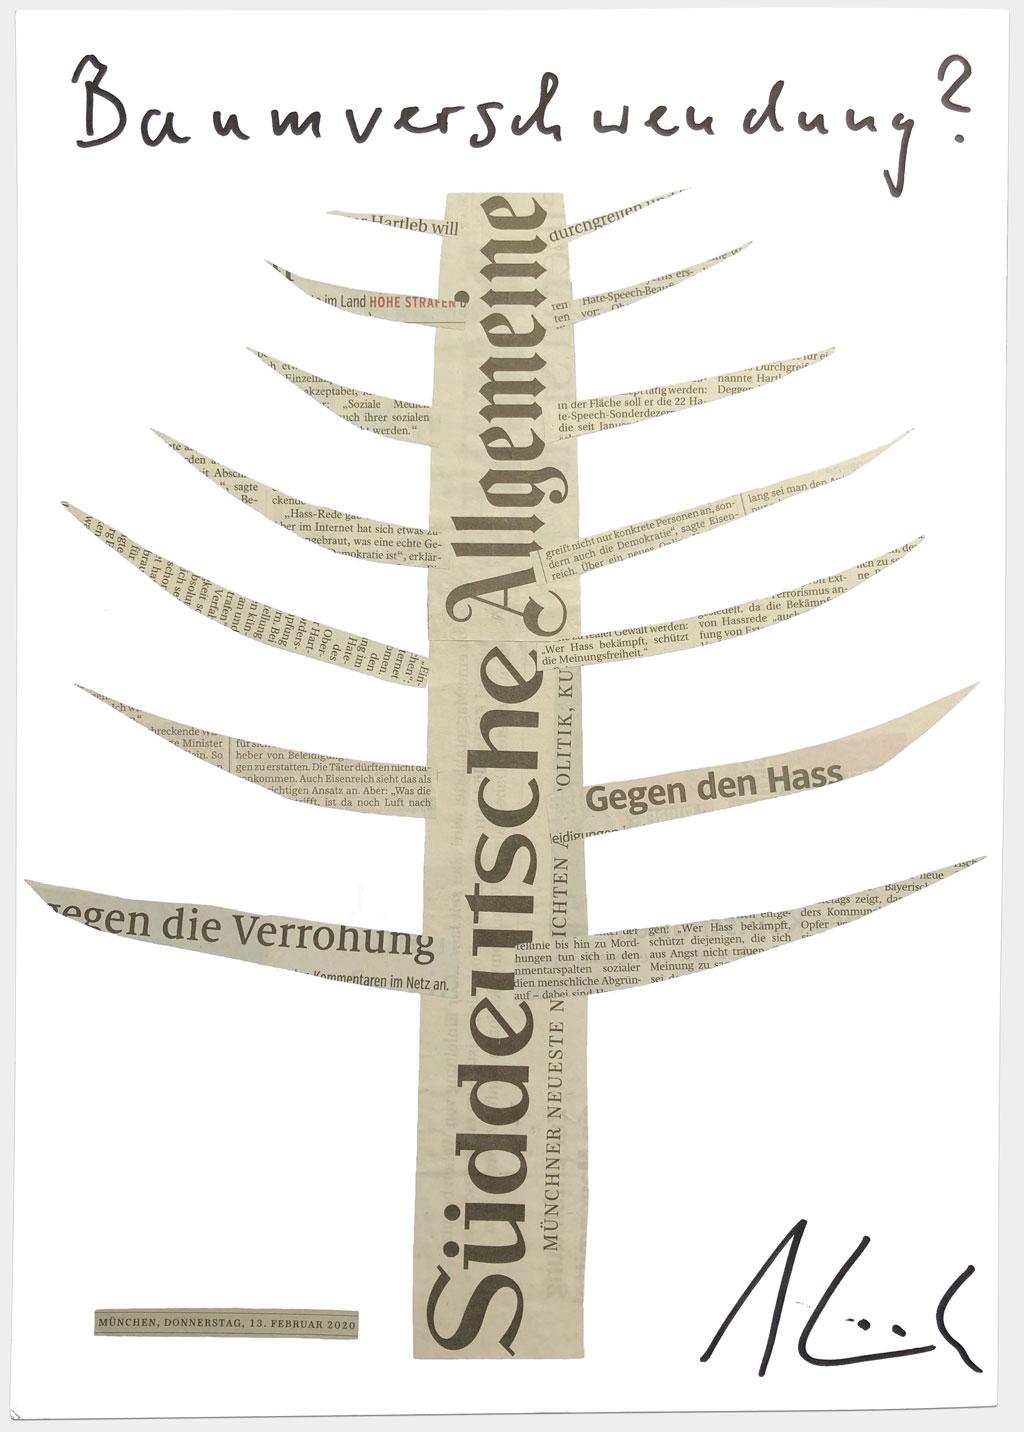 """BildEisenreich, Georg, Bayerischer Justizminister und Schirmherr der Bereitschaften des Bayerischen Roten Kreuzes, """"Baumverschwendung?"""", 30x42 cm, Collage auf Karton, handsigniert"""